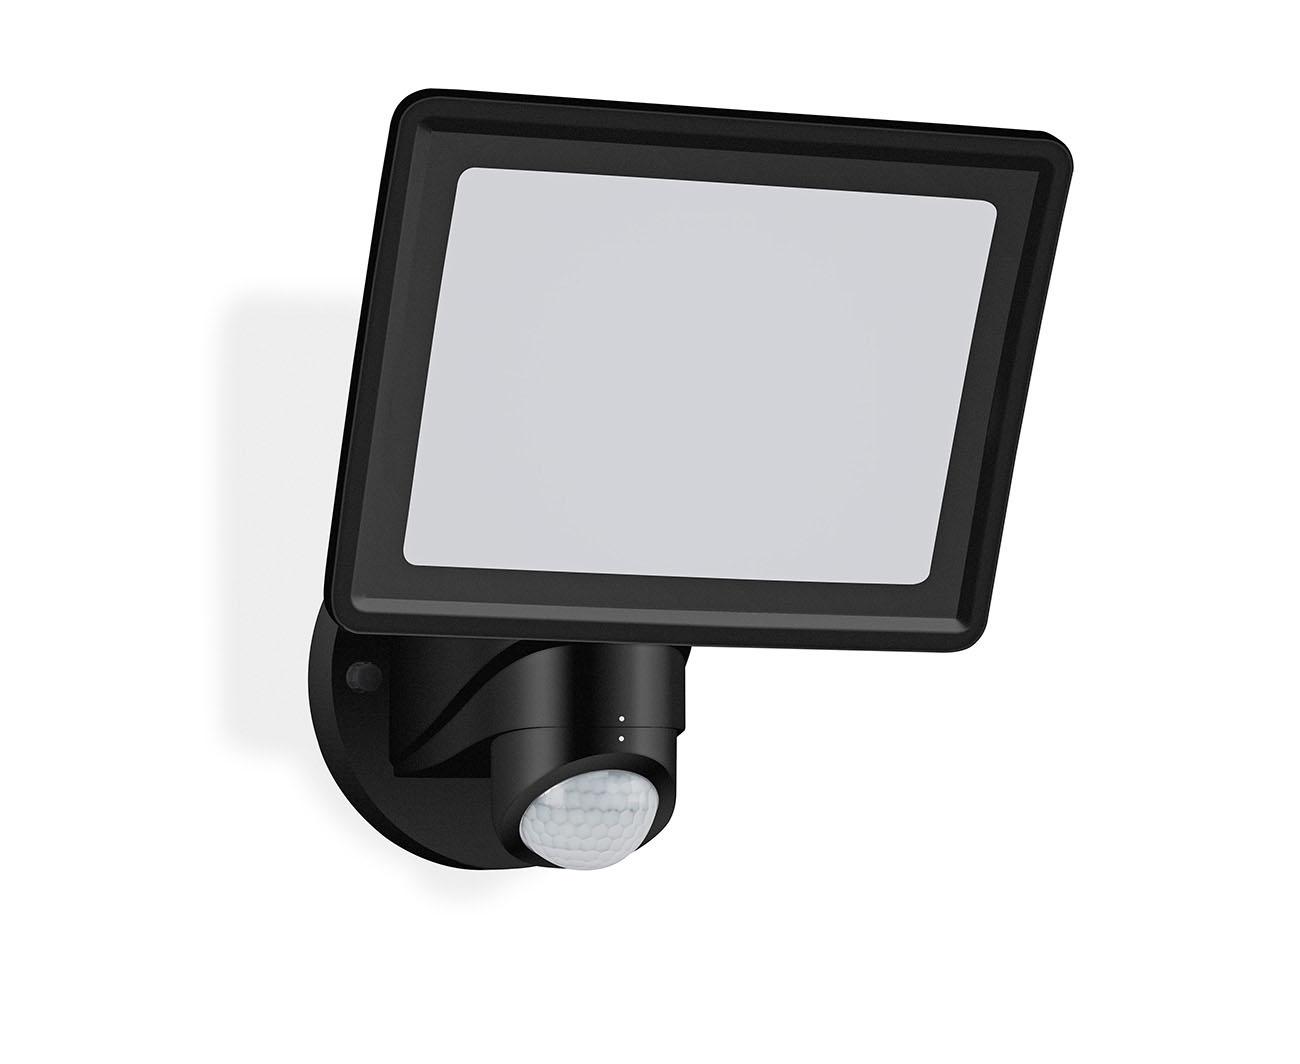 TELEFUNKEN LED Sensor Aussenstrahler, 26,3 cm, 20 W, Schwarz